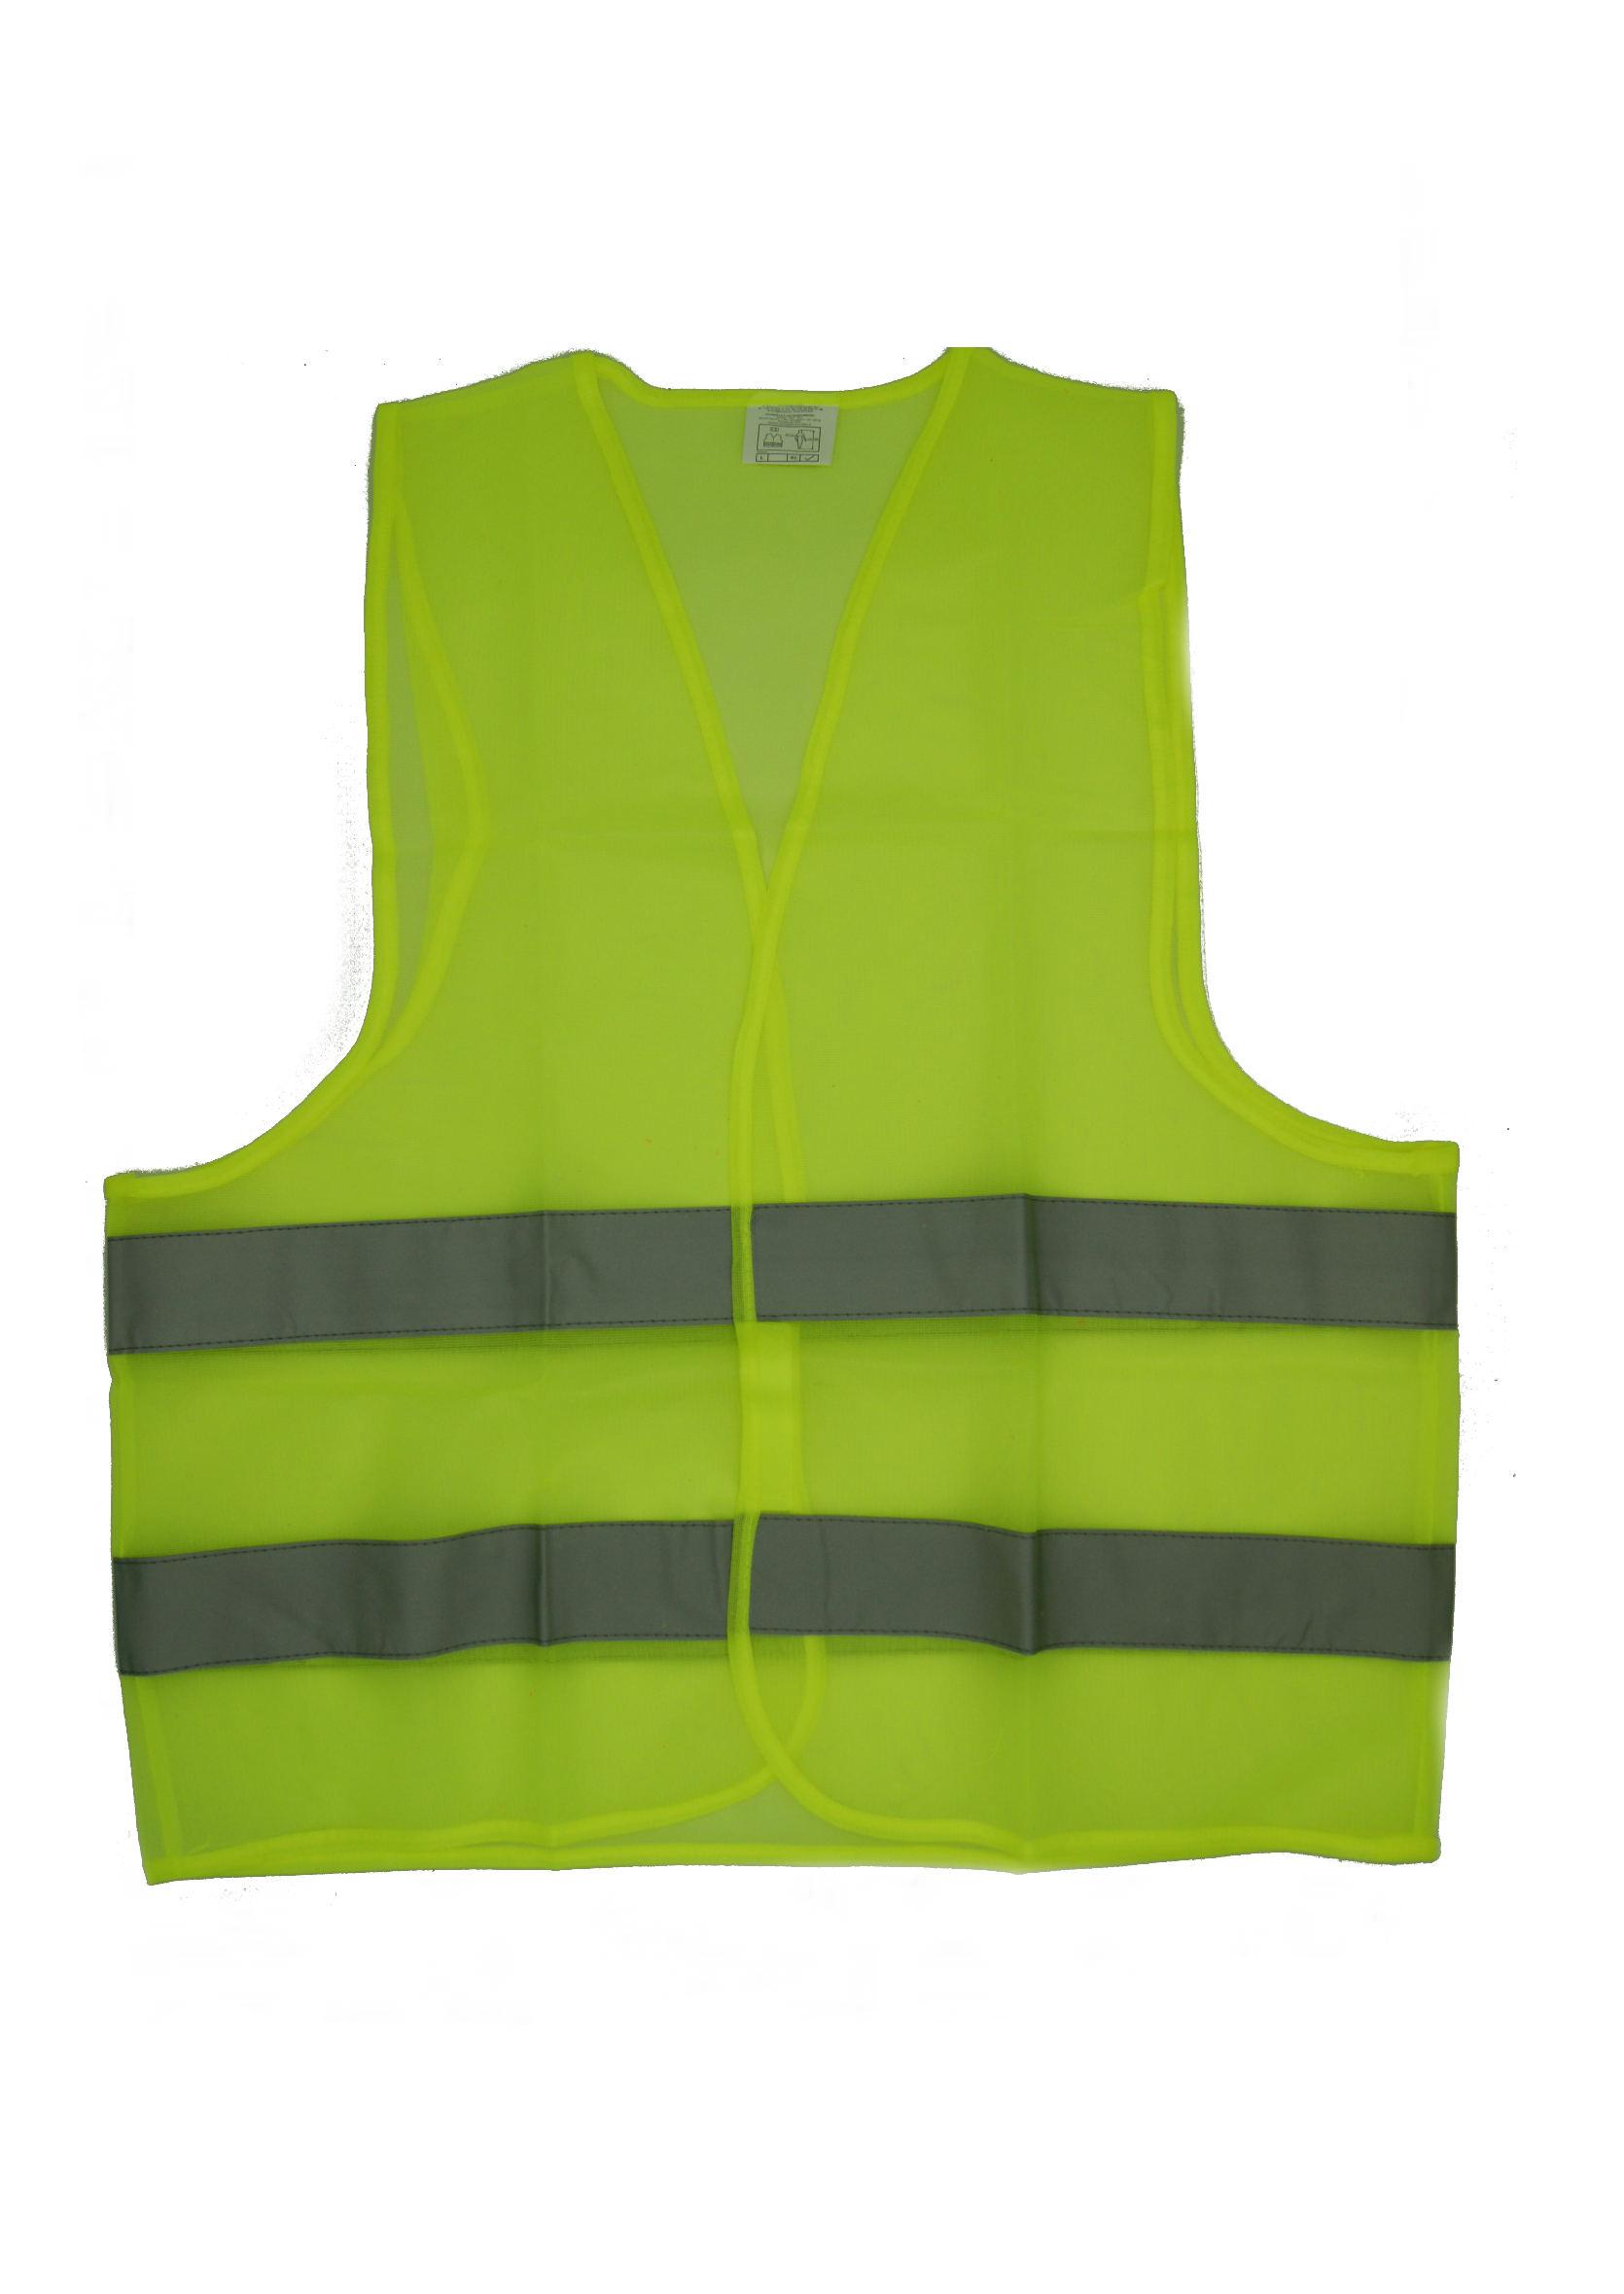 Kamizelka Odblaskowa Ostrzegawcza Żółta Seledynowa norma UE DIN 471